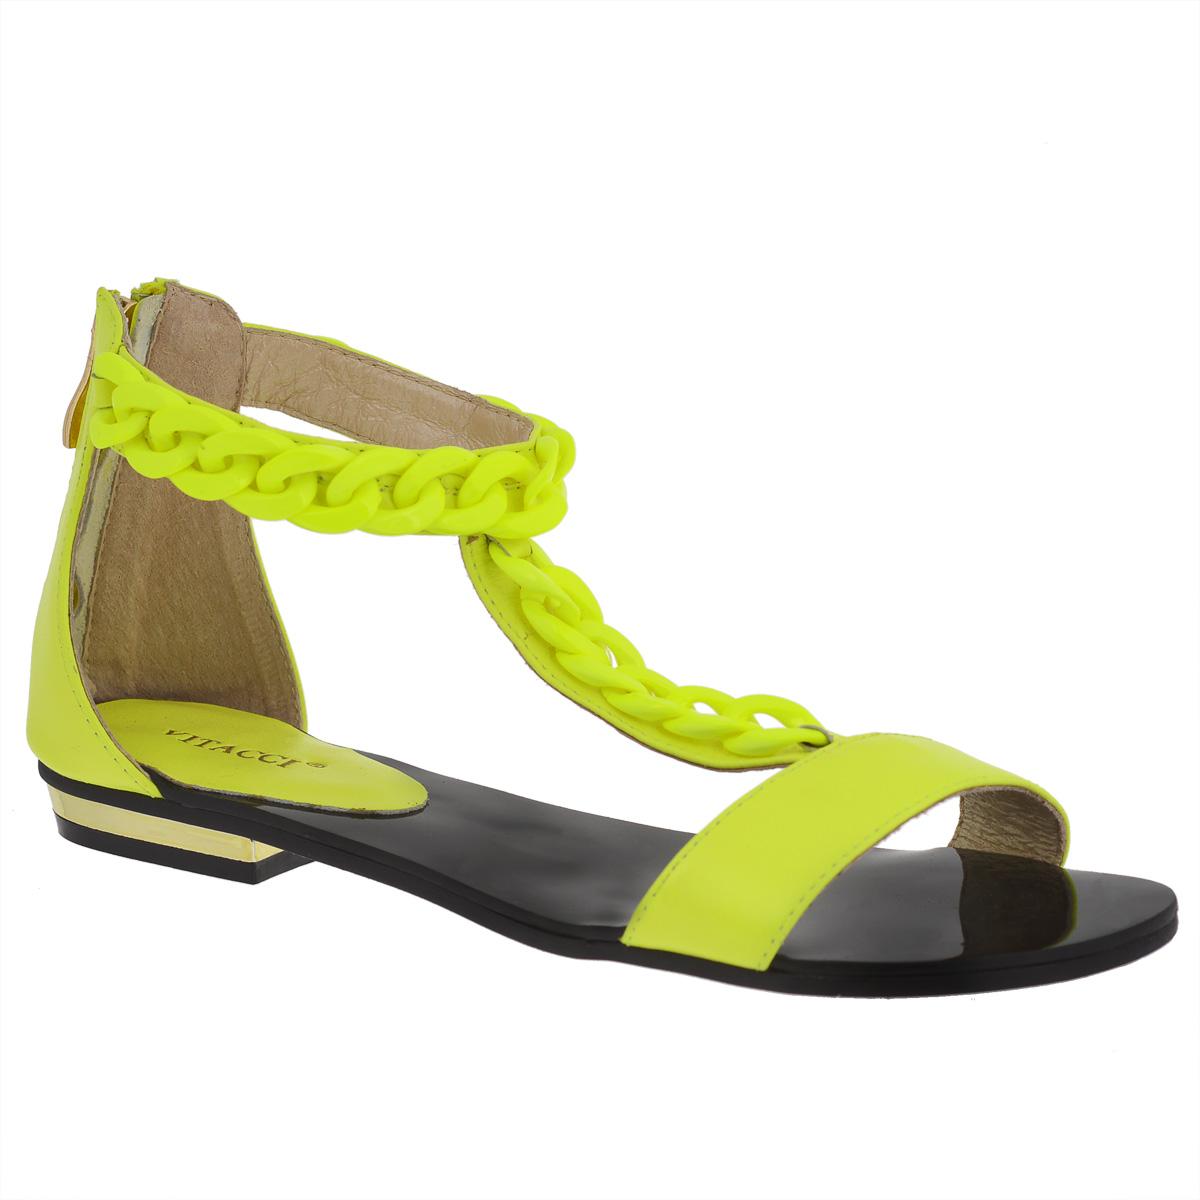 Сандалии женские. 118811886Эффектные женские сандалии Vitacci не оставят равнодушной настоящую модницу. Модель изготовлена из высококачественной натуральной кожи. Ремешок, расположенный на подъеме, и ремешок, опоясывающий щиколотку, оформлены крупной декоративной цепью из пластика. Сандалии дополнены полужестким кожаным задником с застежкой-молнией. Фиксирующие ремешки надежно закрепят модель на ноге. Мягкая стелька из натуральной кожи расположена в области пятки. Низкий каблук декорирован металлической вставкой. Подошва с рифлением обеспечивает идеальное сцепление с любой поверхностью. Стильные сандалии помогут вам создать яркий запоминающийся образ.